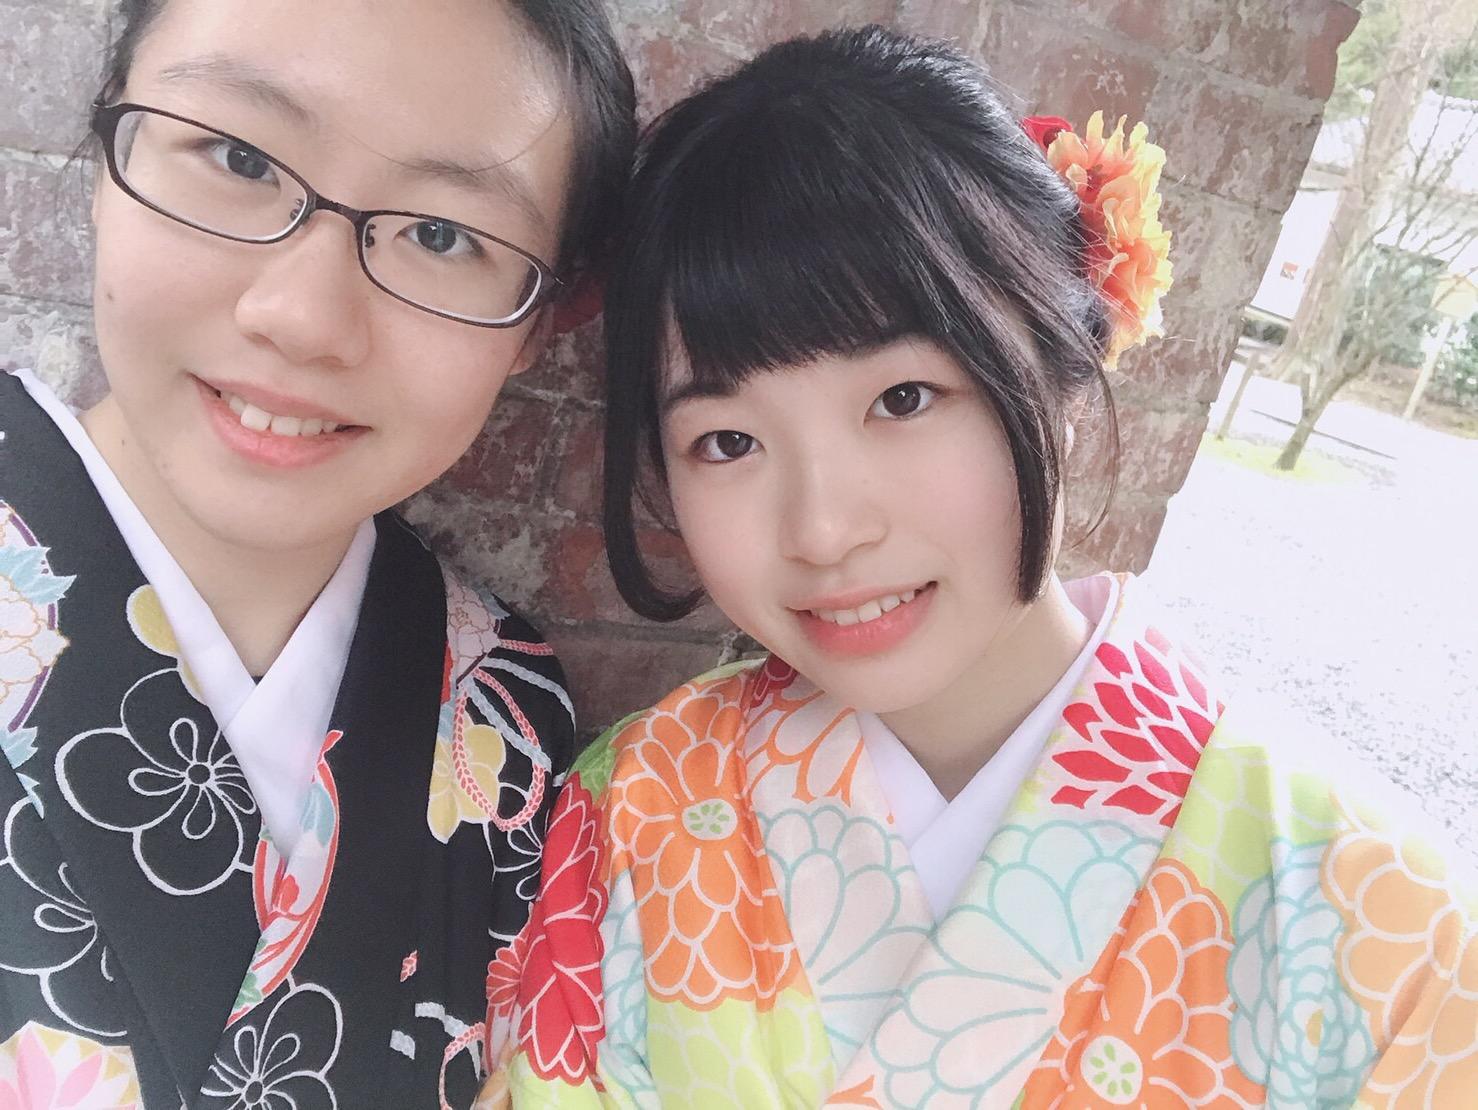 福岡から卒業旅行で東山花灯路へ♪2019年3月16日9